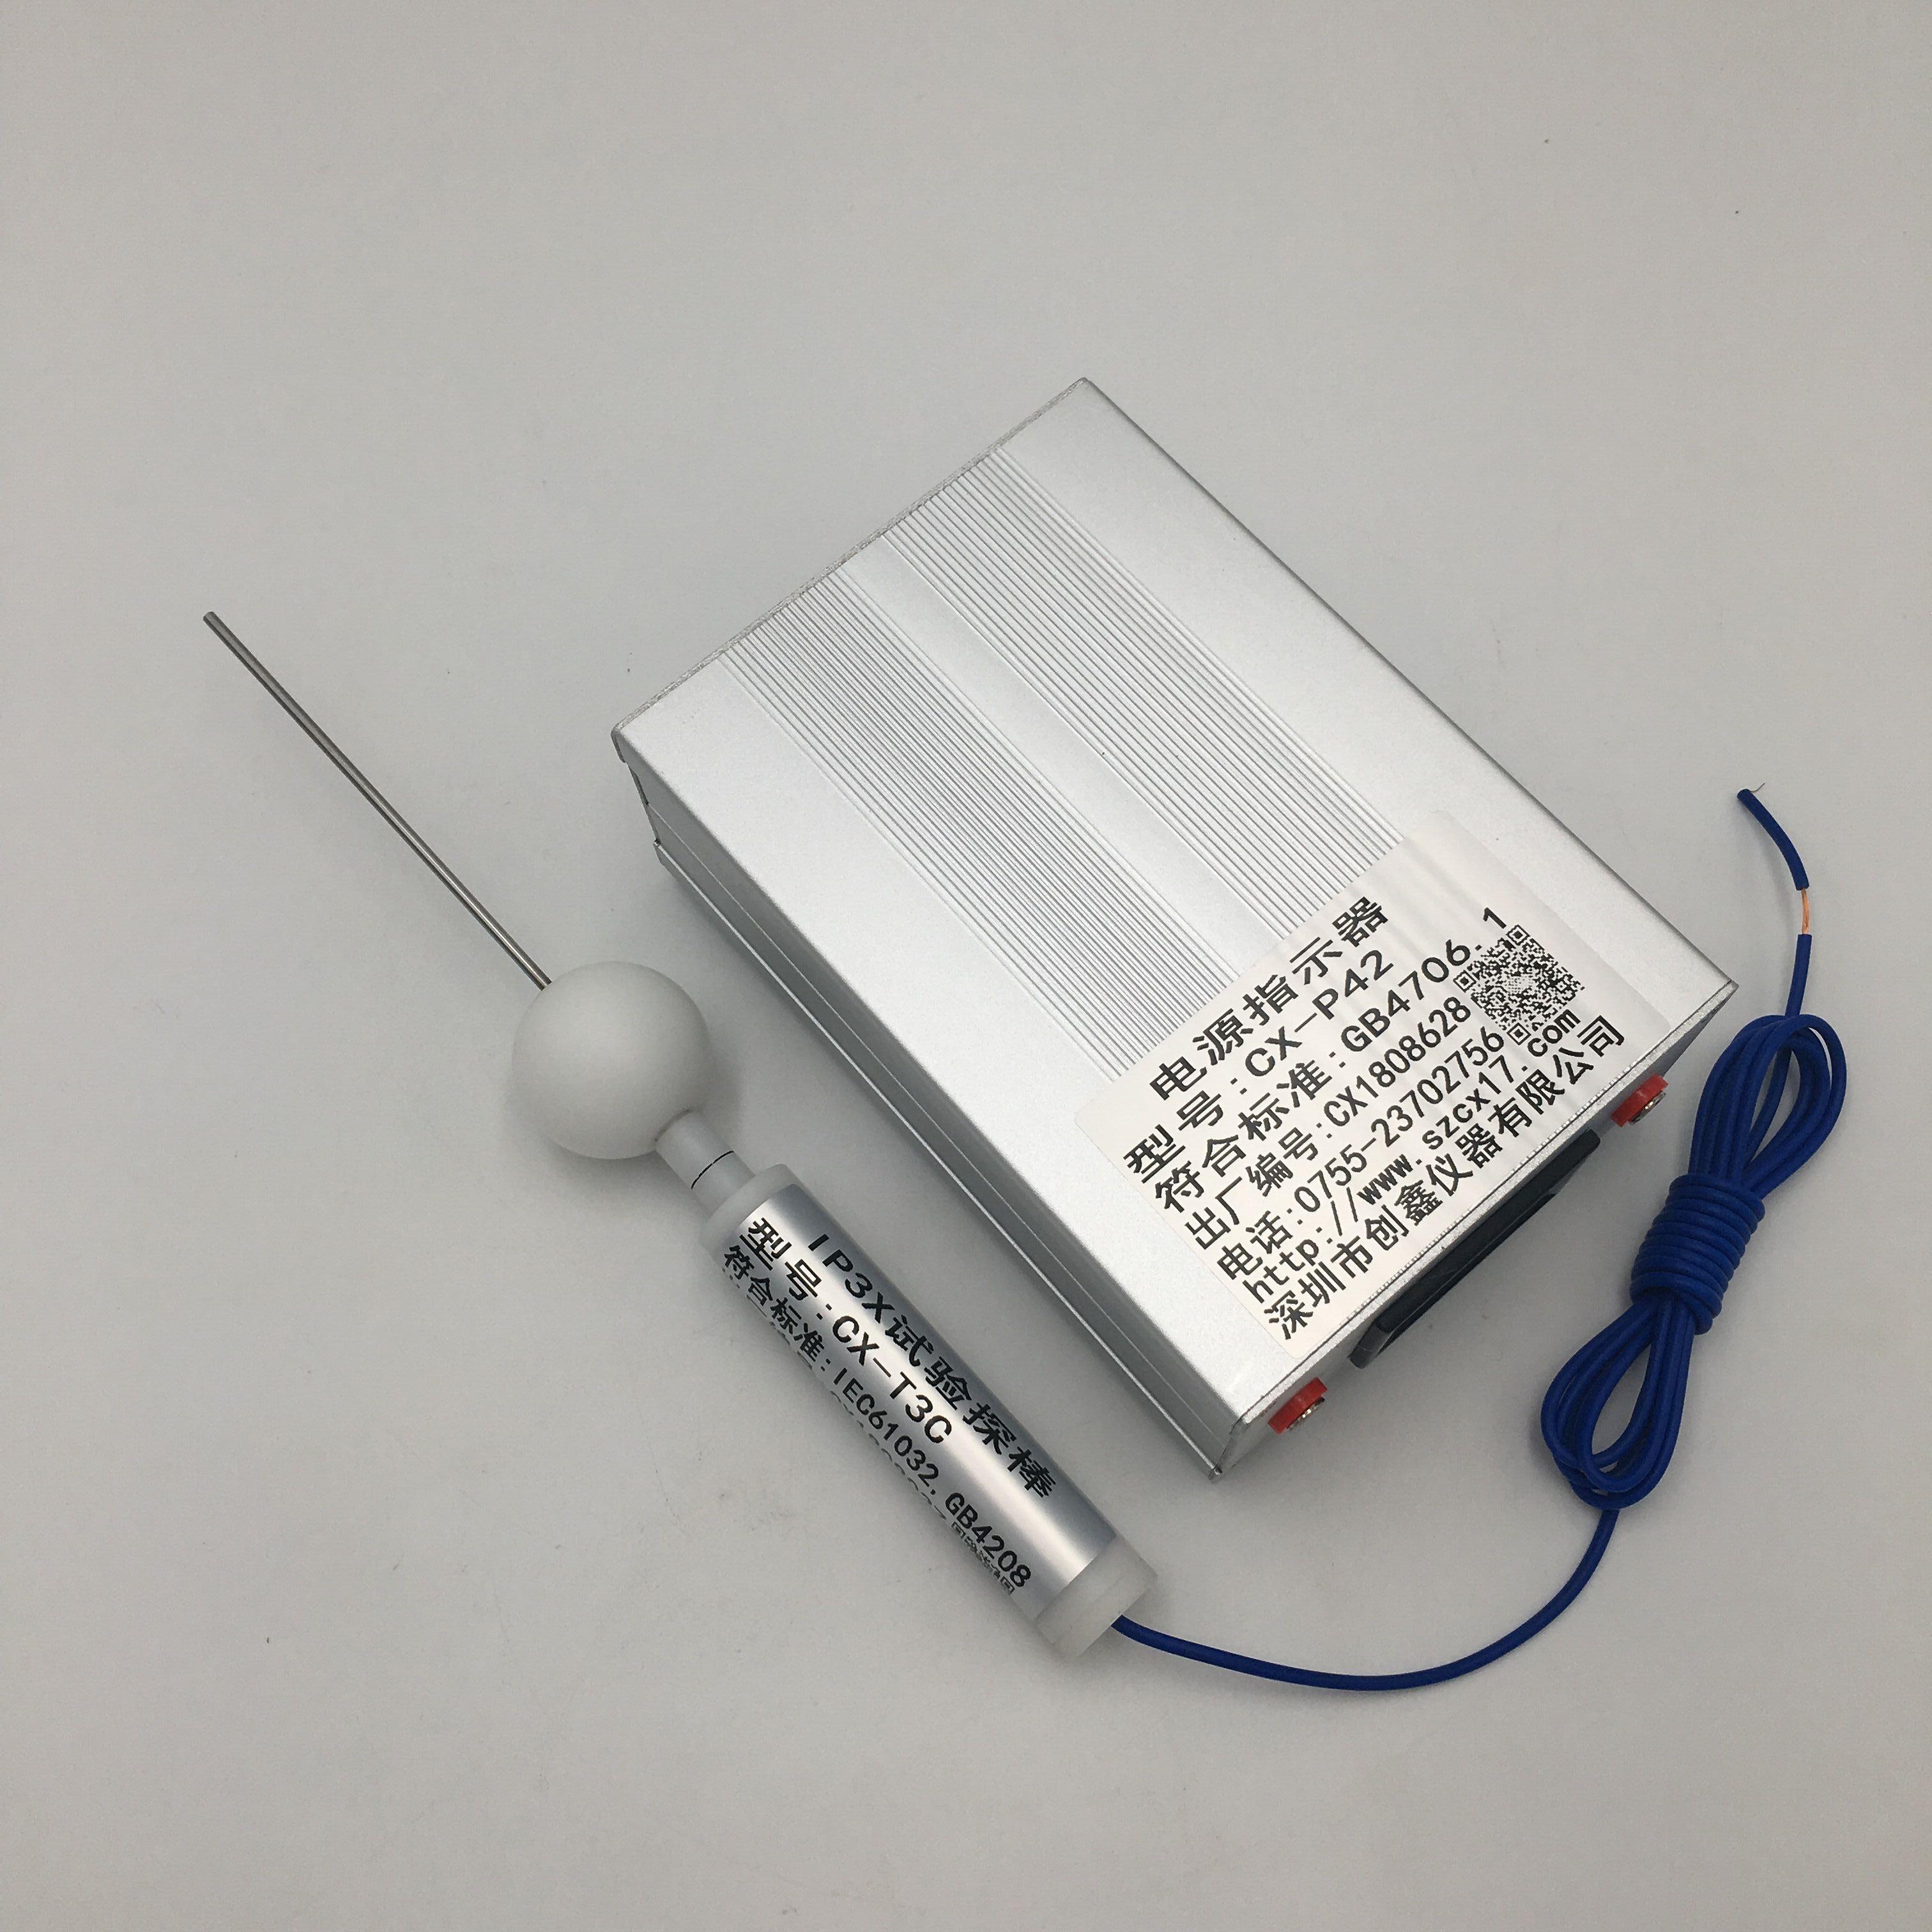 GB4208-IP3X防护等级试具